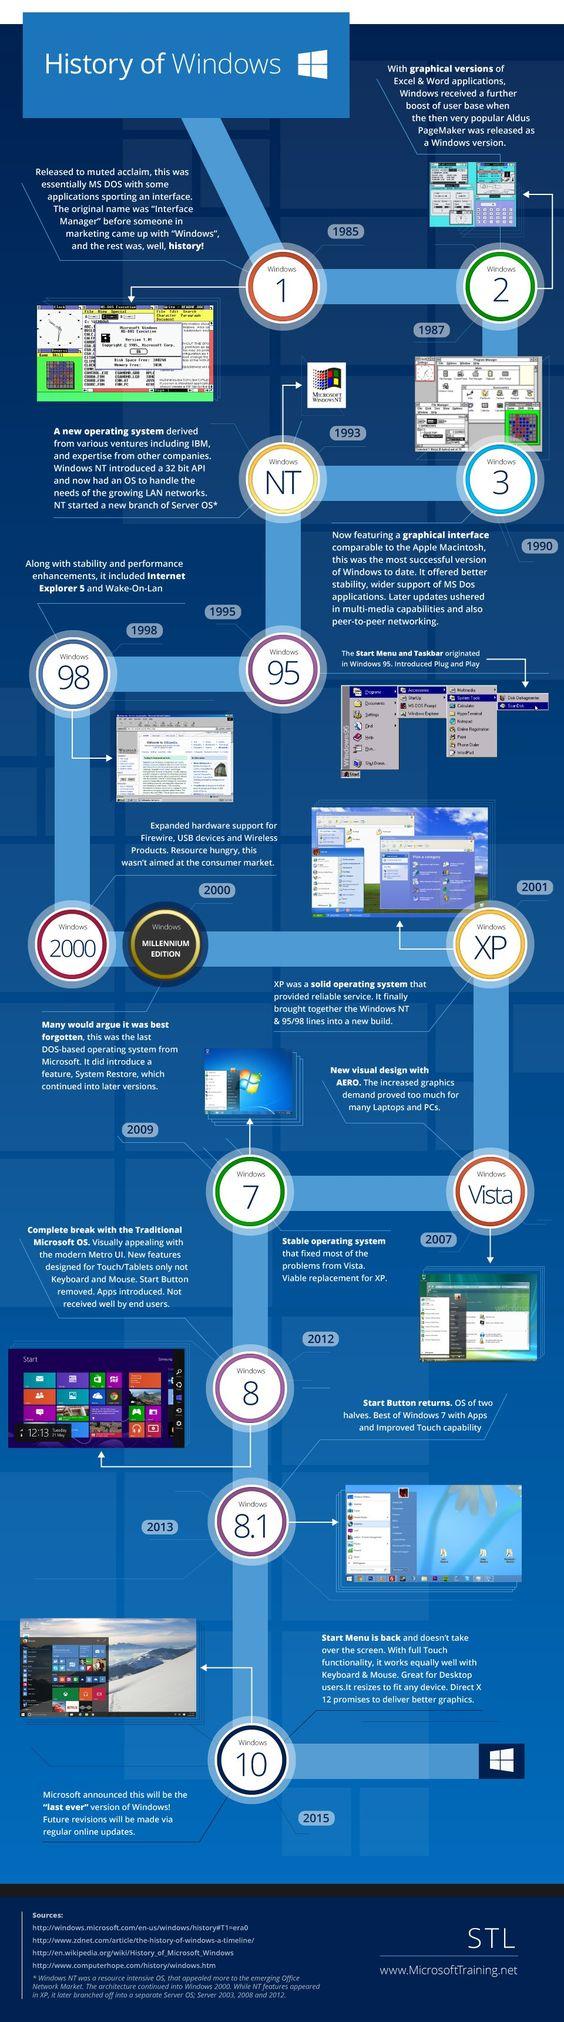 Marktstart von Windows 10: Die Geschichte des Microsoft-Betriebssystems seit 1985                                                                                                                                                     Mehr